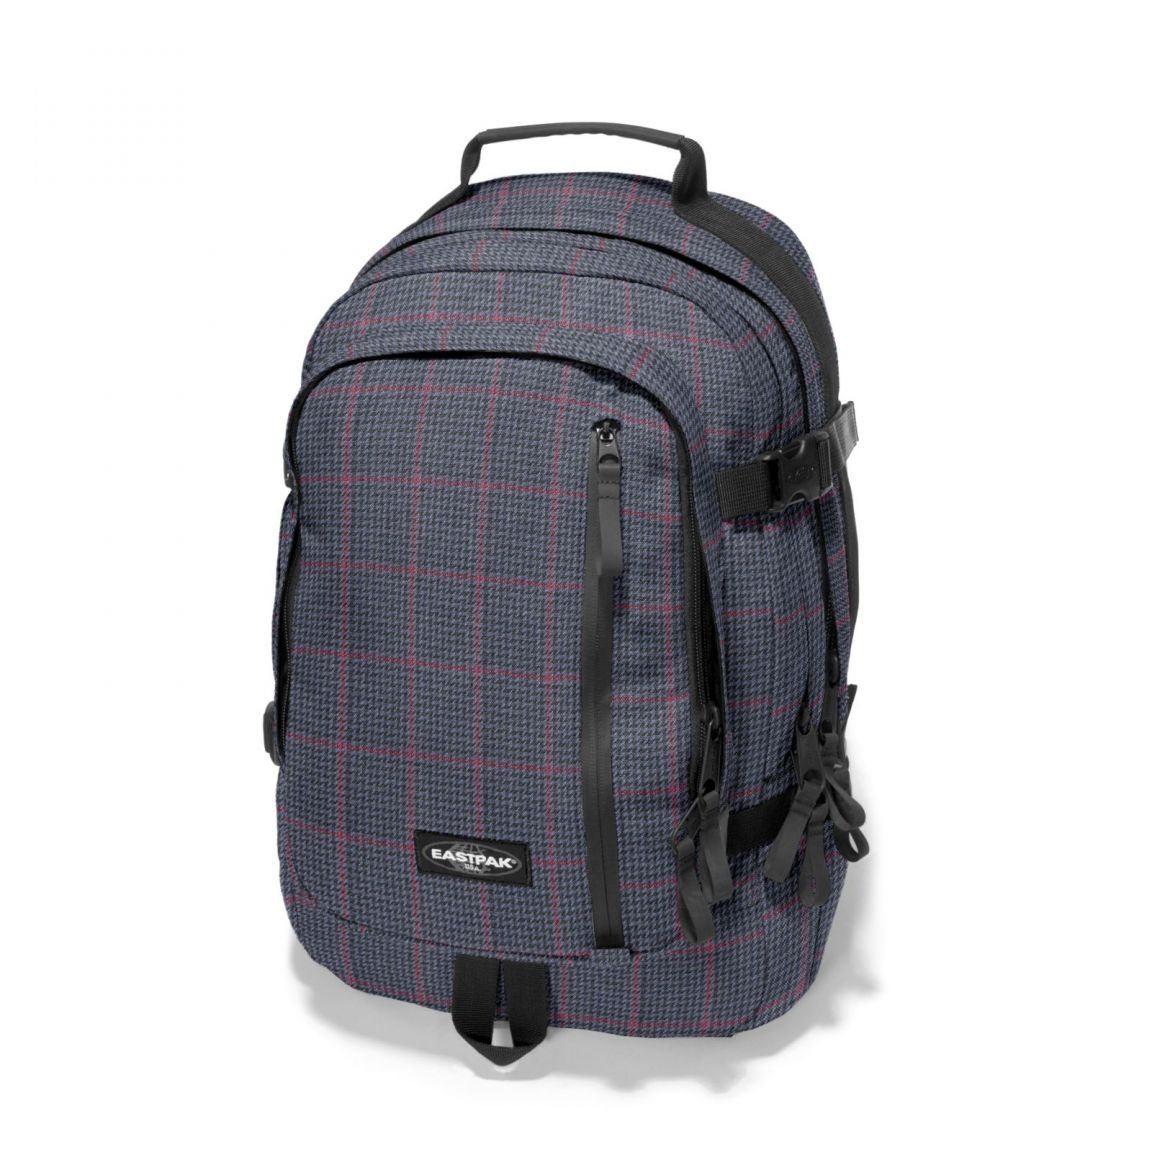 eastpak rucksack volker karo grau bags more. Black Bedroom Furniture Sets. Home Design Ideas